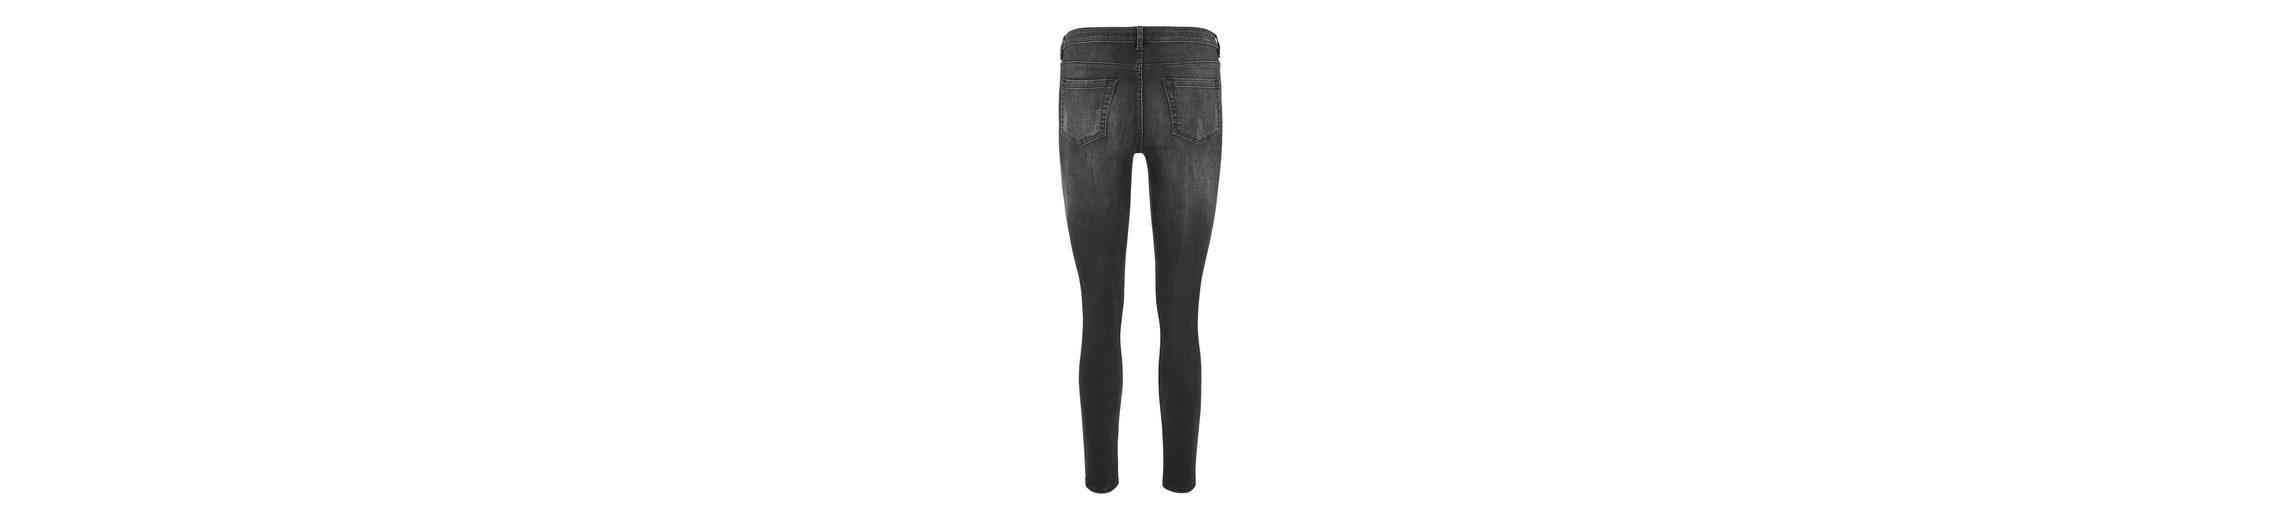 Für Billig Zu Verkaufen Manchester Günstiger Preis Apart Jeans Billig Billig Besuchen Neuen Günstigen Preis Billig Verkauf Breite Palette Von fqQy44DDPG